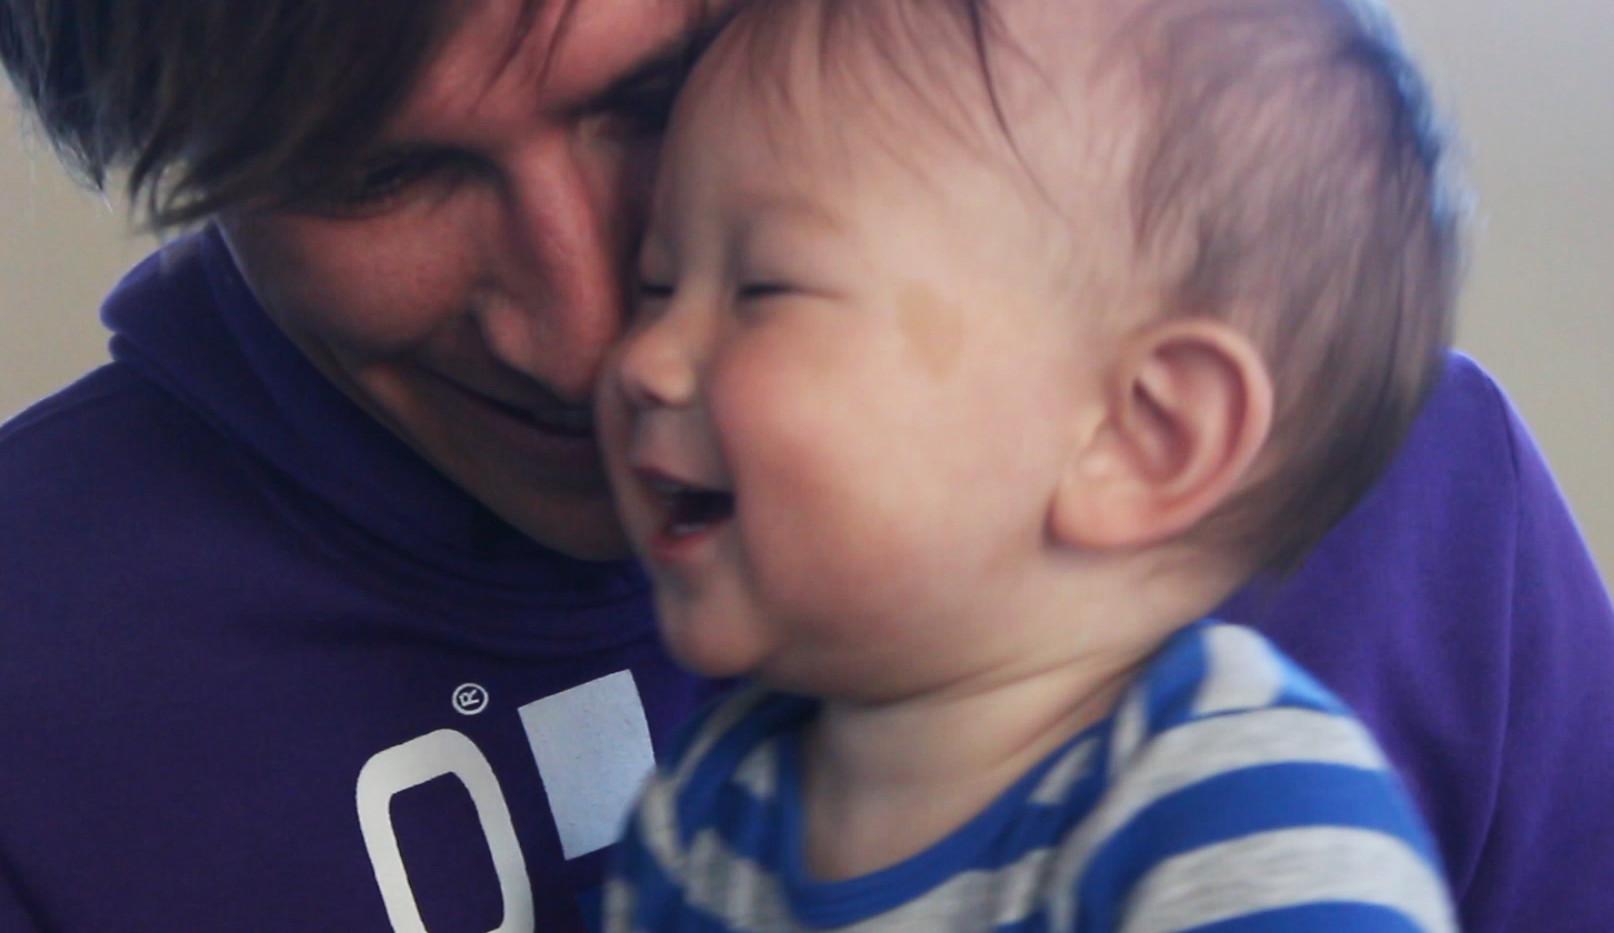 Matthias with his Son